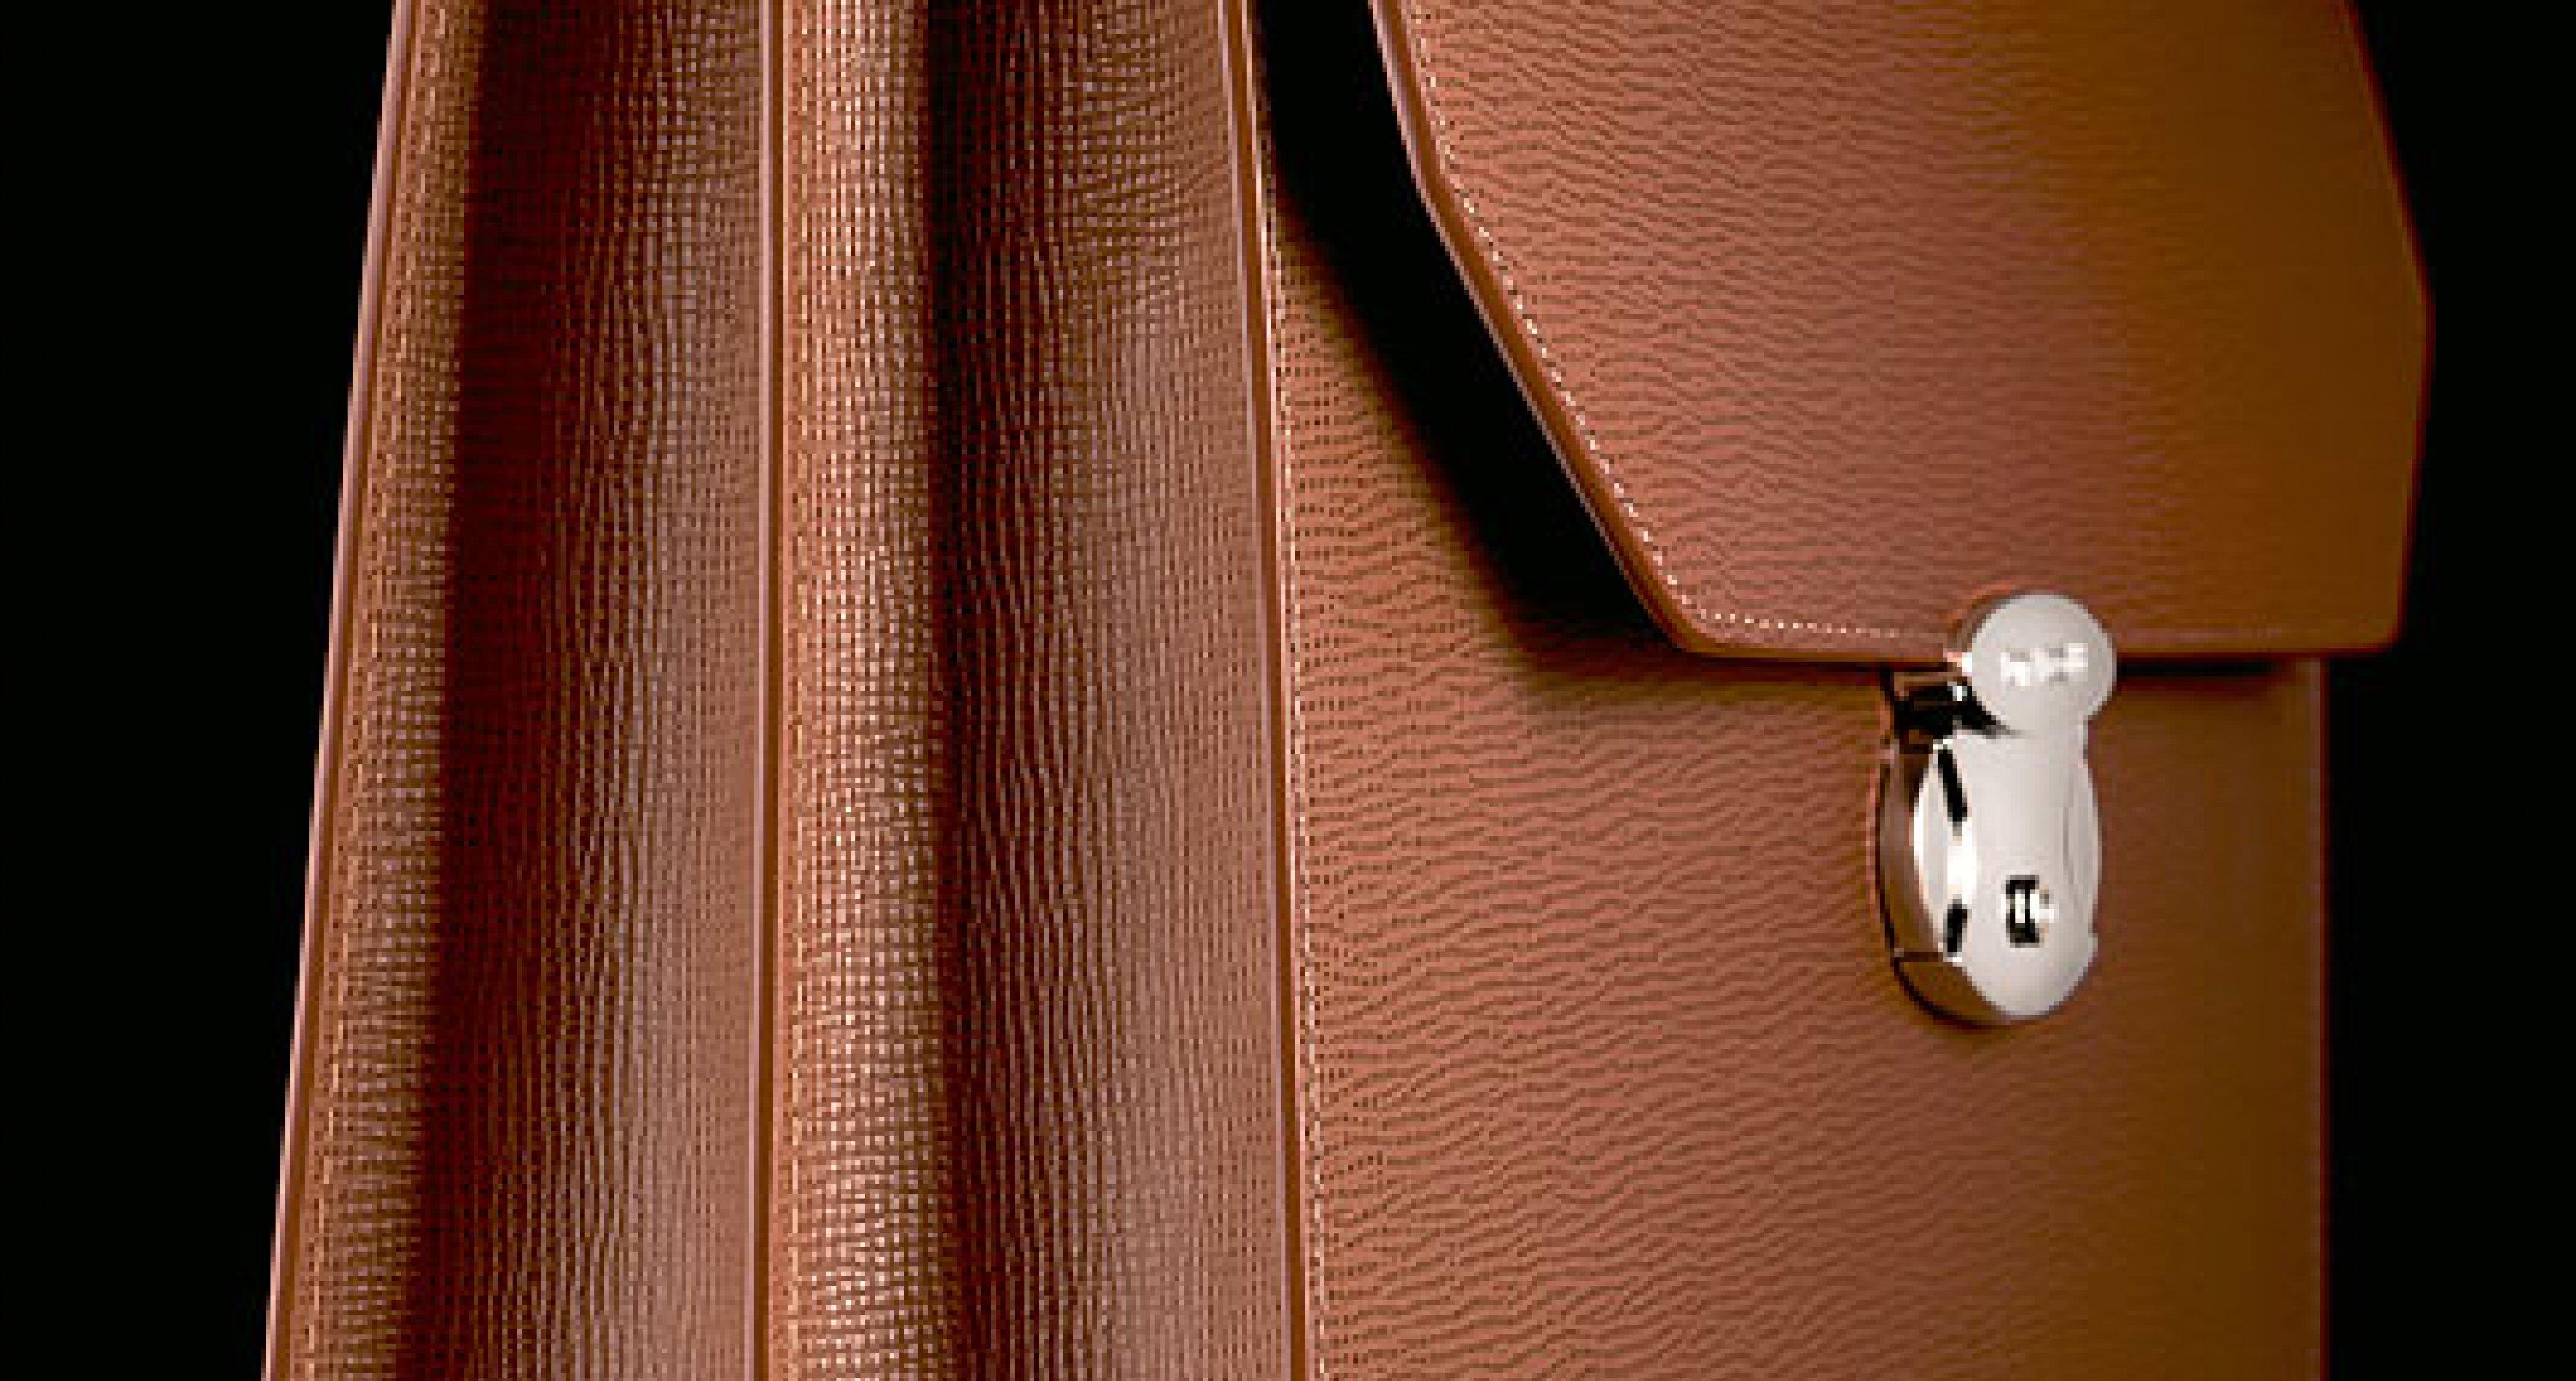 'Very Zino' – the New Luxury Brand from Davidoff